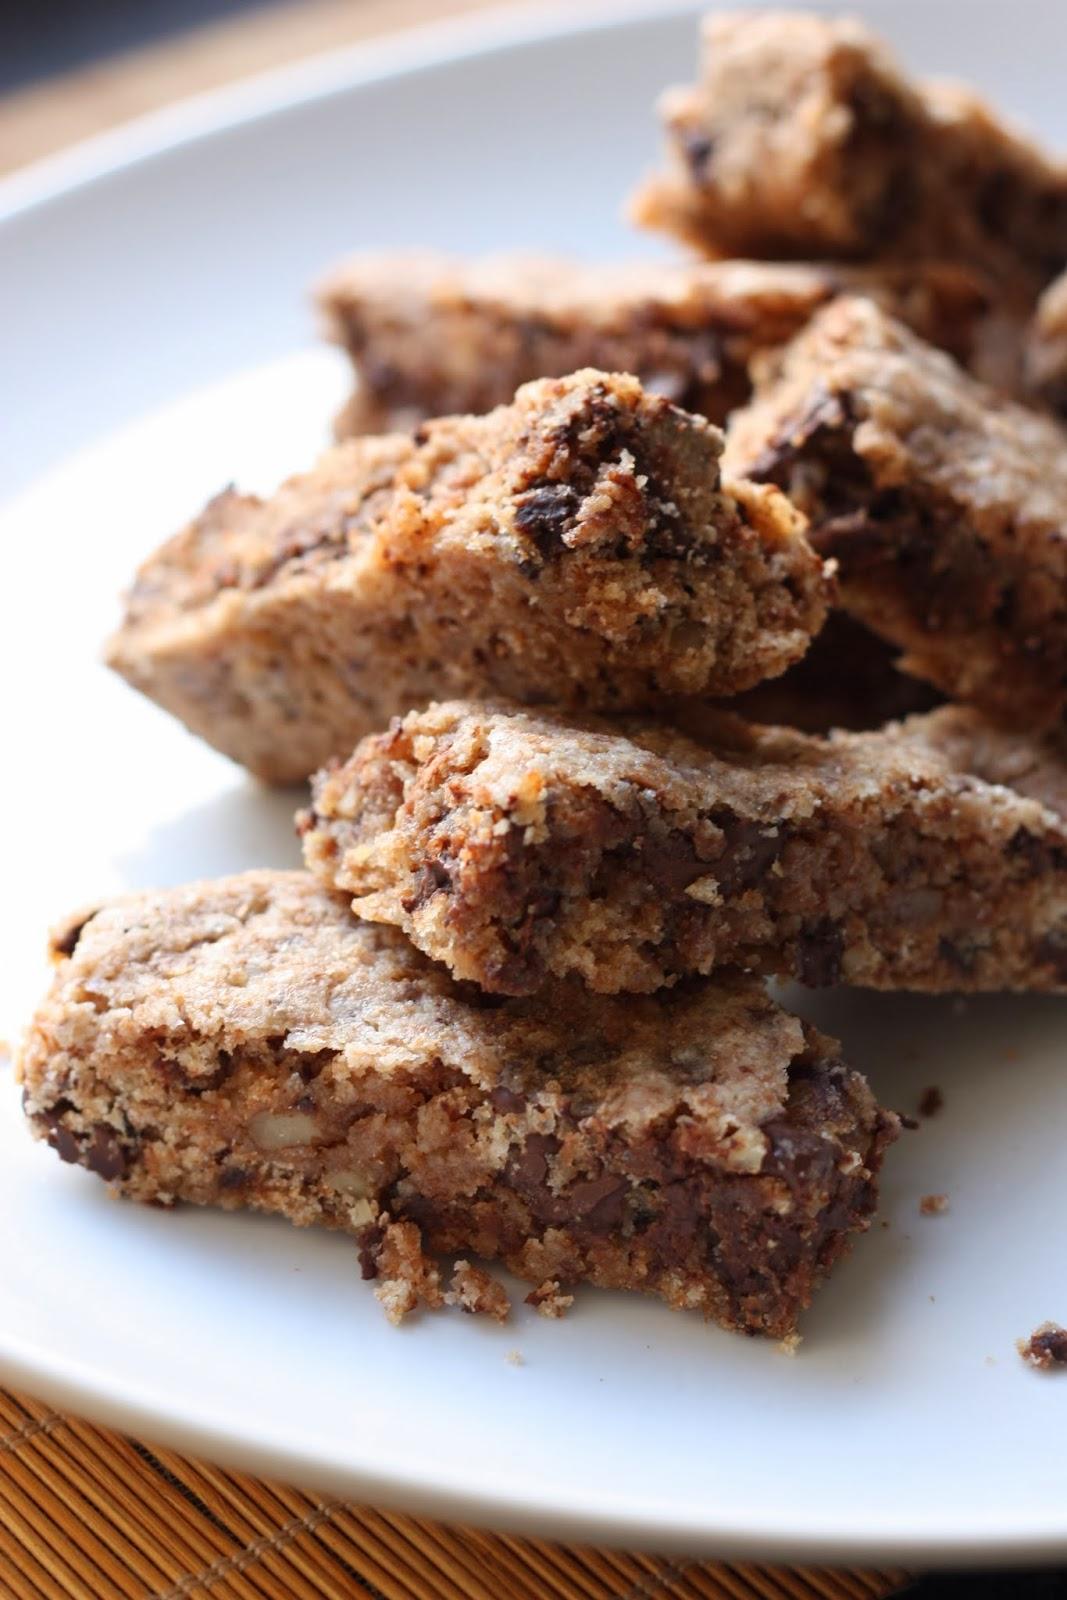 ... plats de Rose: 'Cookie sticks' ou les cookies en bâtonnets [vegan